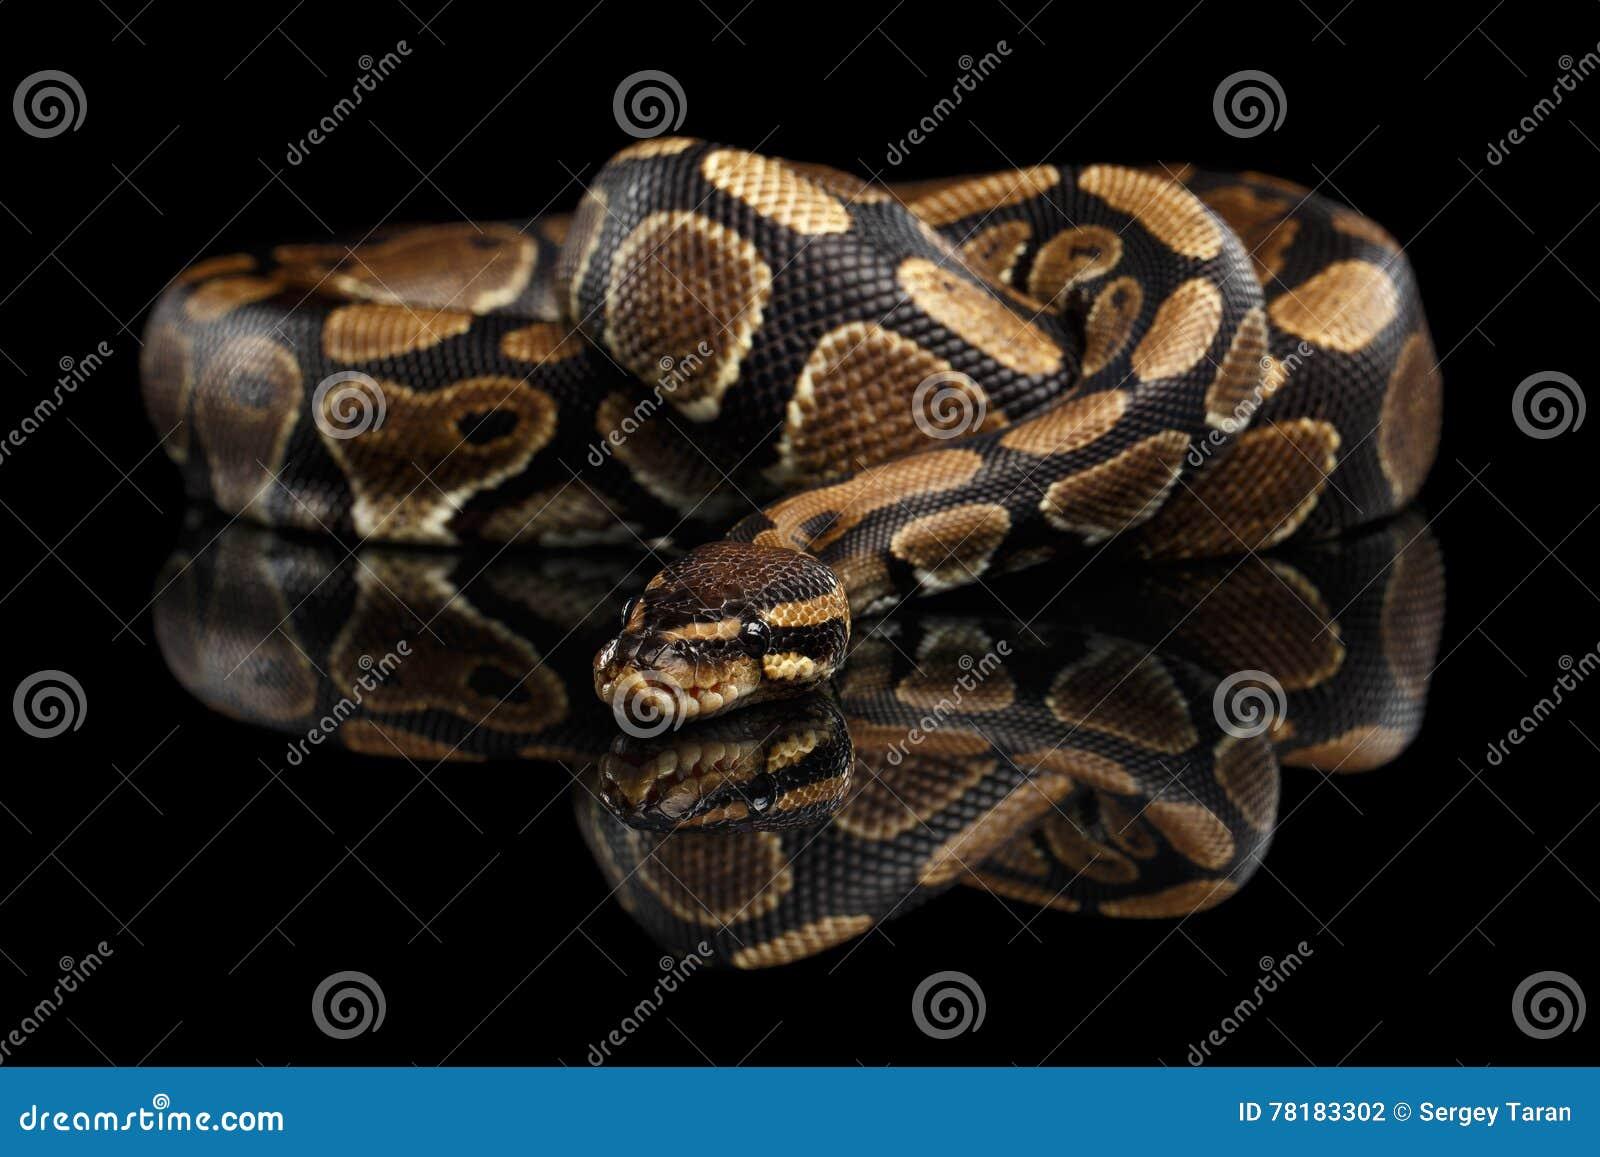 Σφαίρα ή βασιλικό φίδι python στο απομονωμένο μαύρο υπόβαθρο